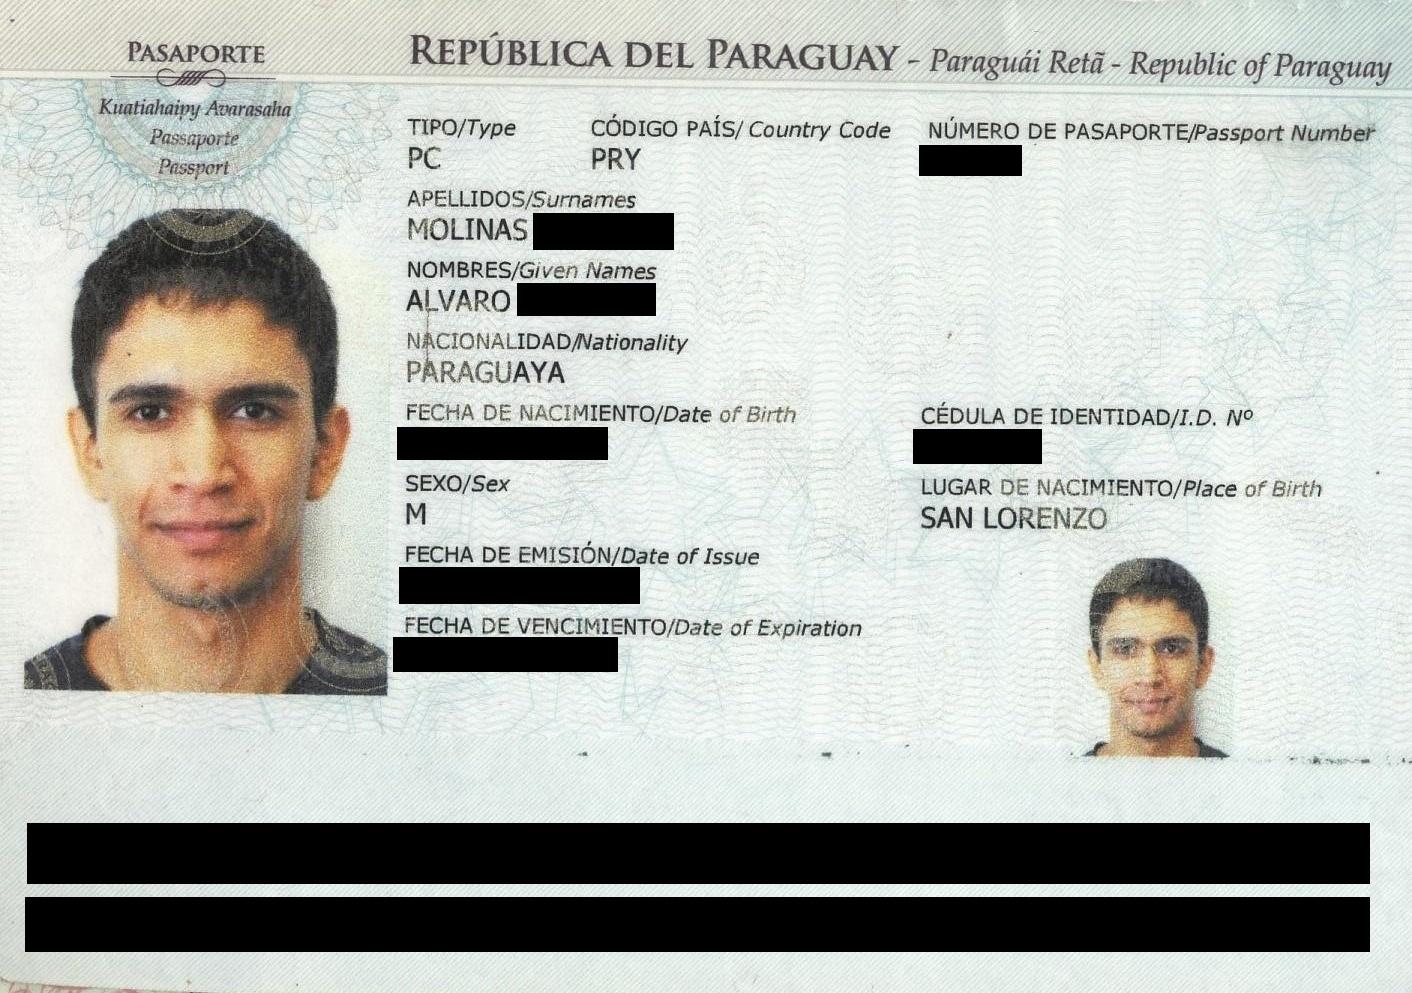 Archivo:Pas paraguay.JPG - Wikipedia, la enciclopedia libre